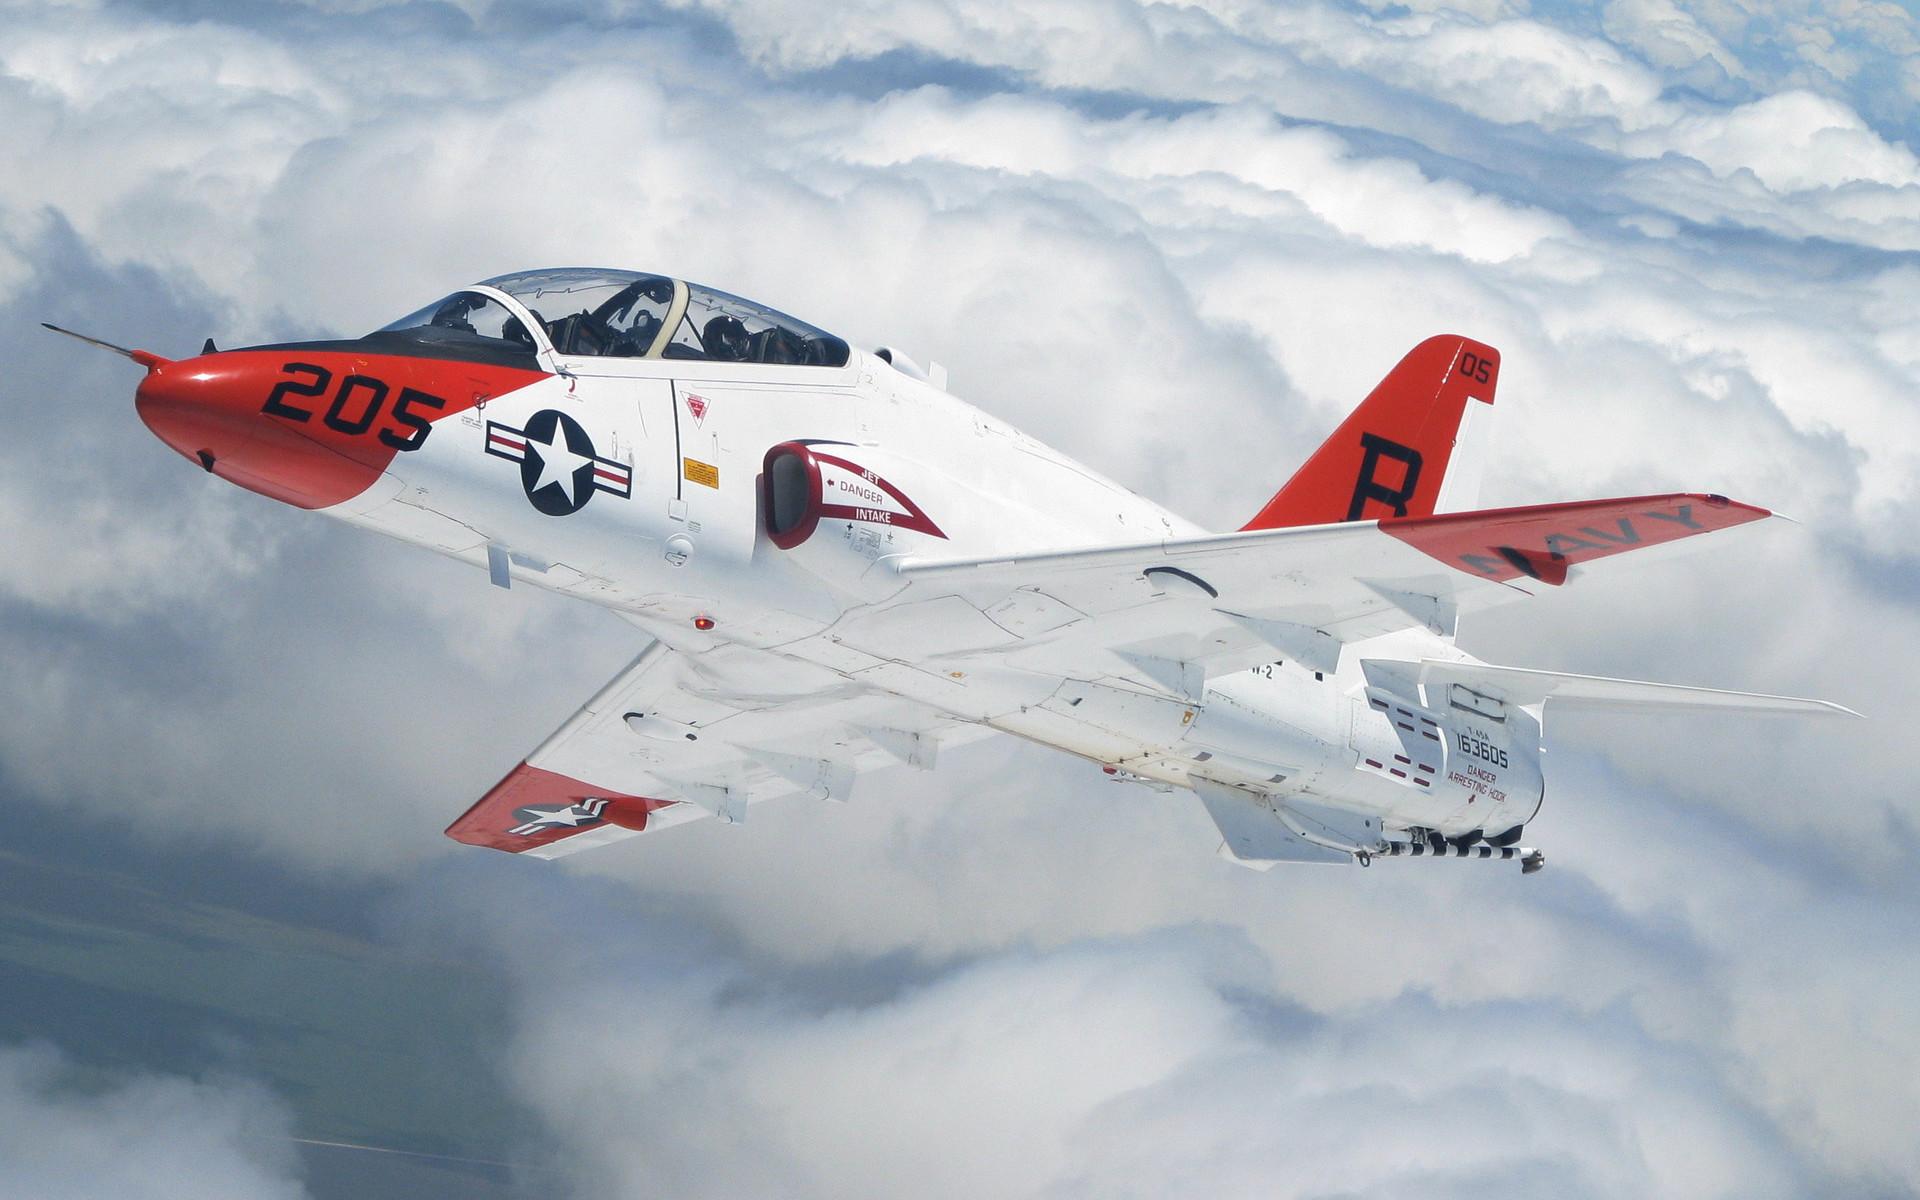 Самолет, истребитель, облака, обои на рабочий стол